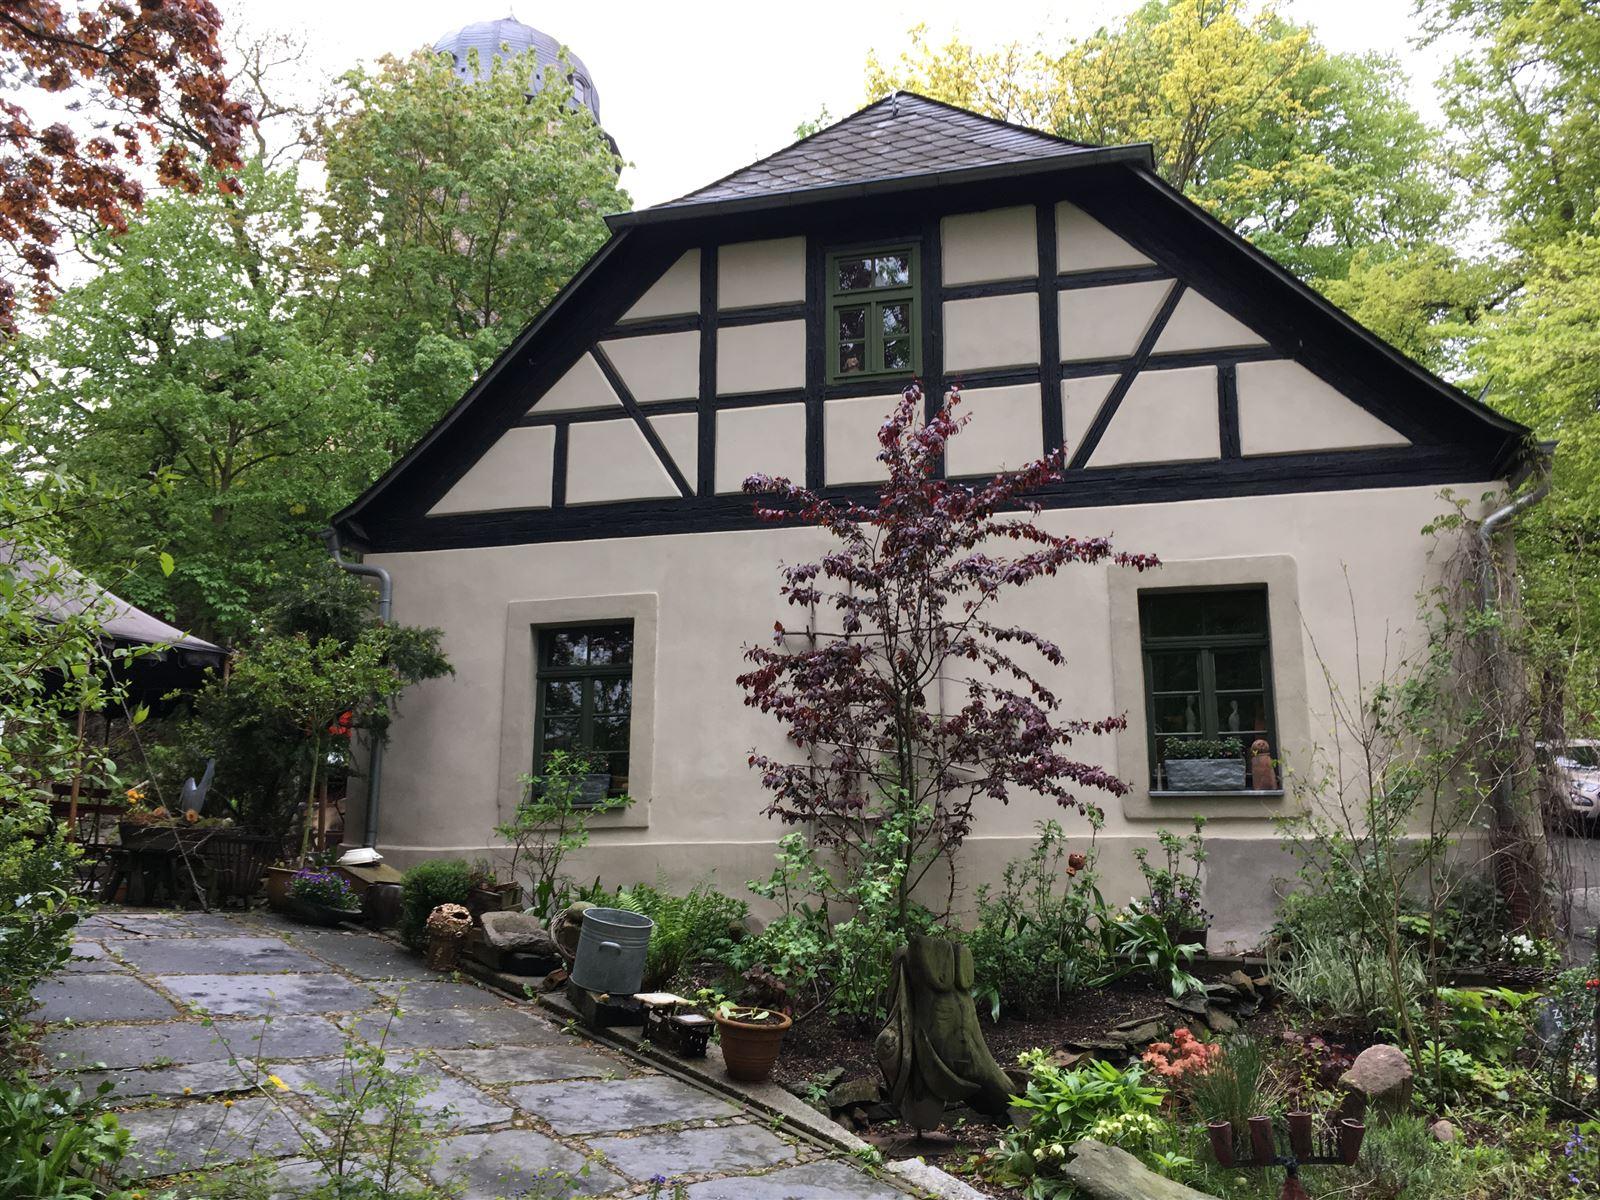 Das Gärtnerhaus in Mylau beherbergt eine Ferienwohnung